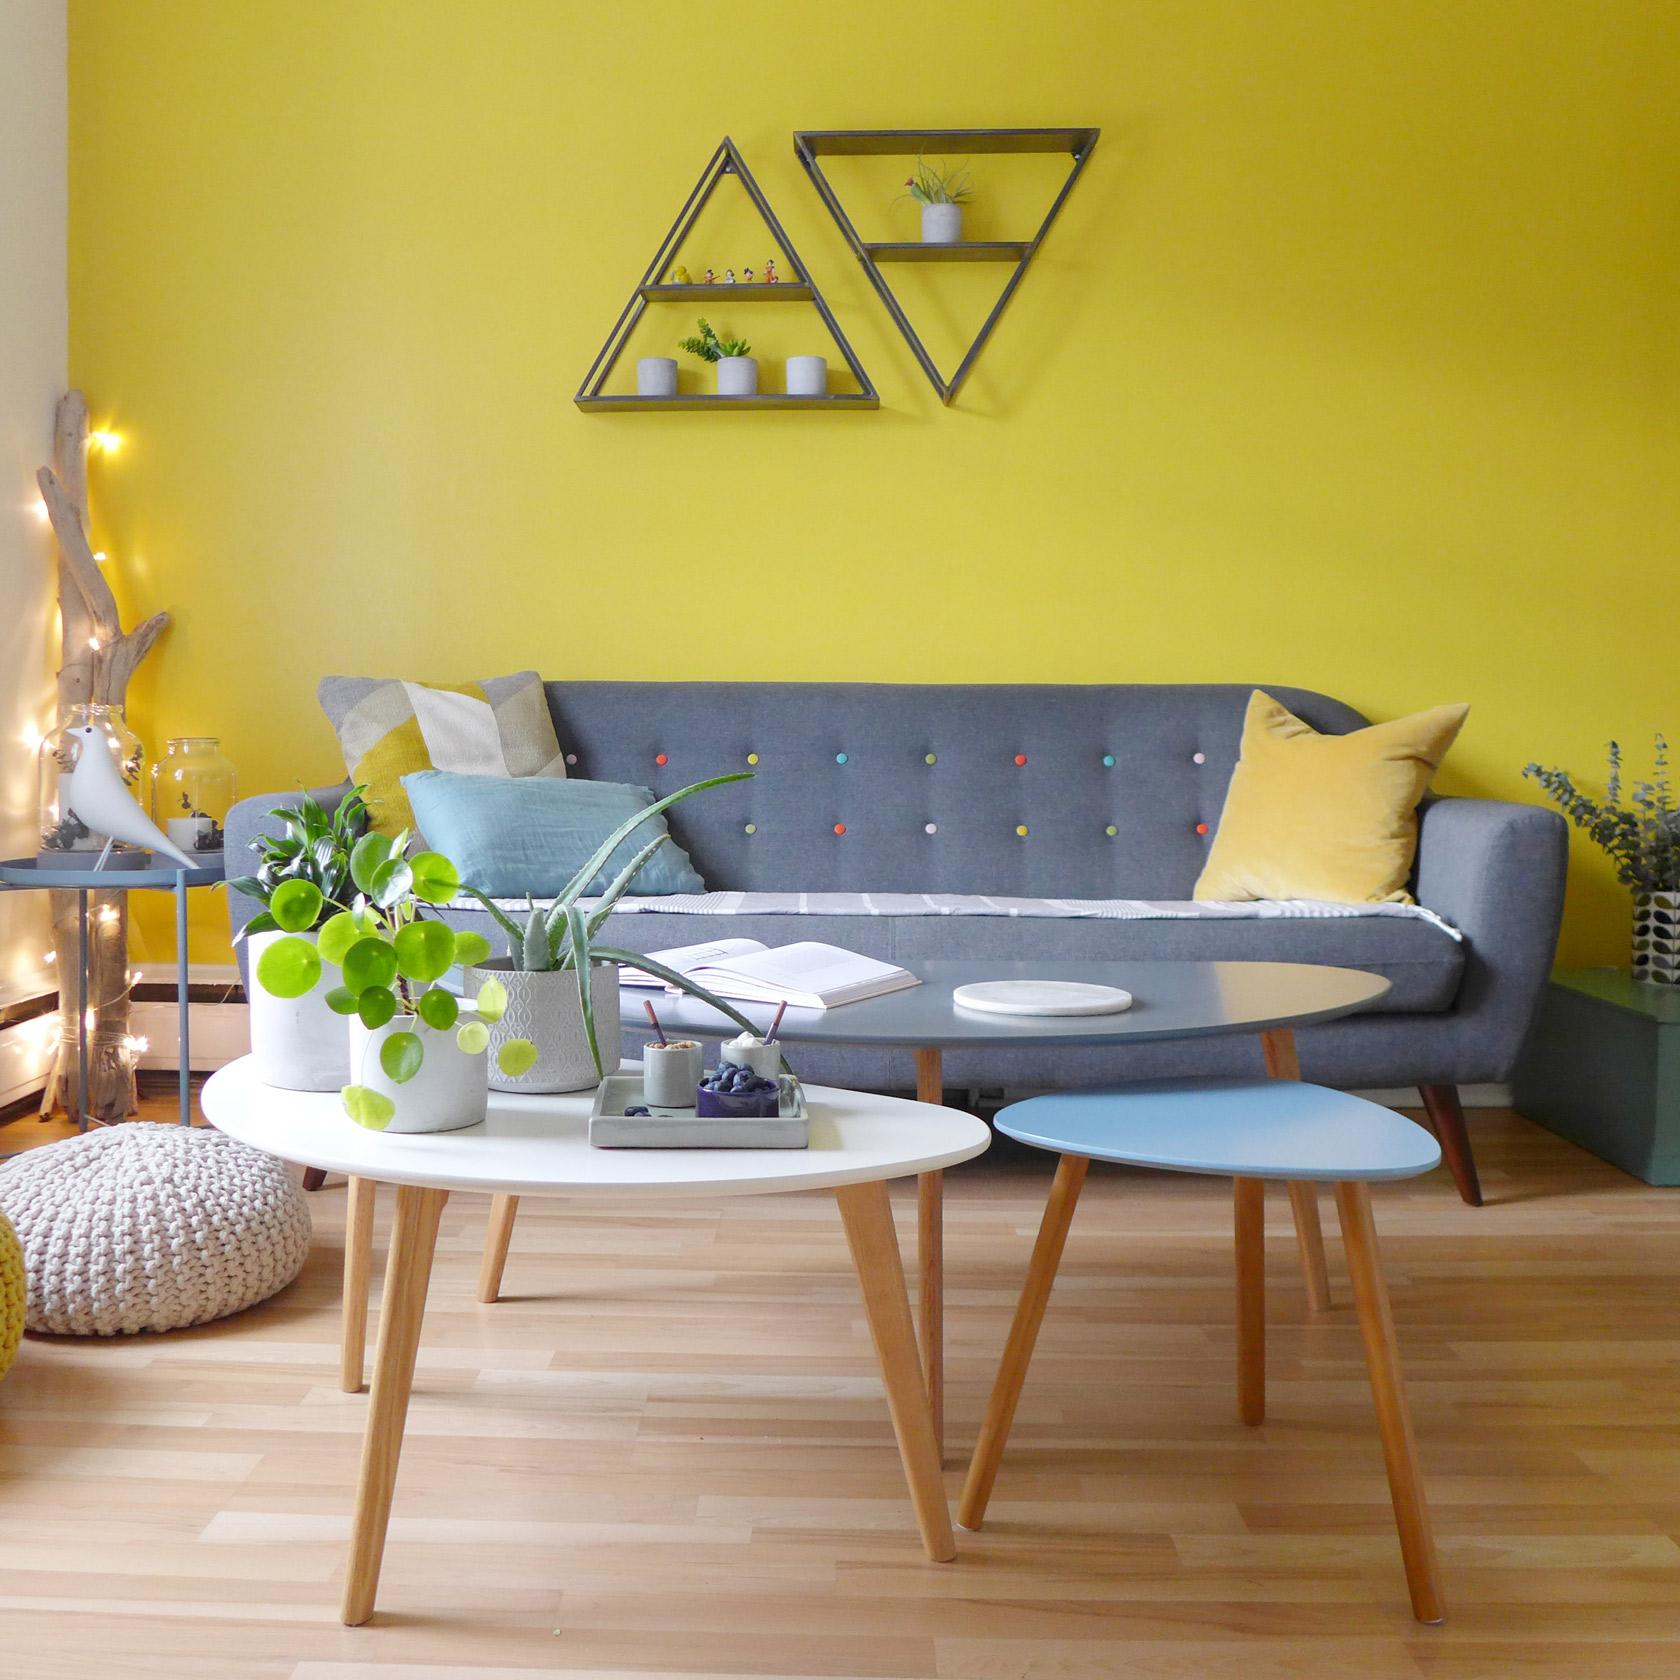 Réalisation du studio d'architecture et de décoration Skéa Designer. Jaune soleil. Le salon avec son mur jaune, son canapé gris, ses tables basses et ses poufs crochets.